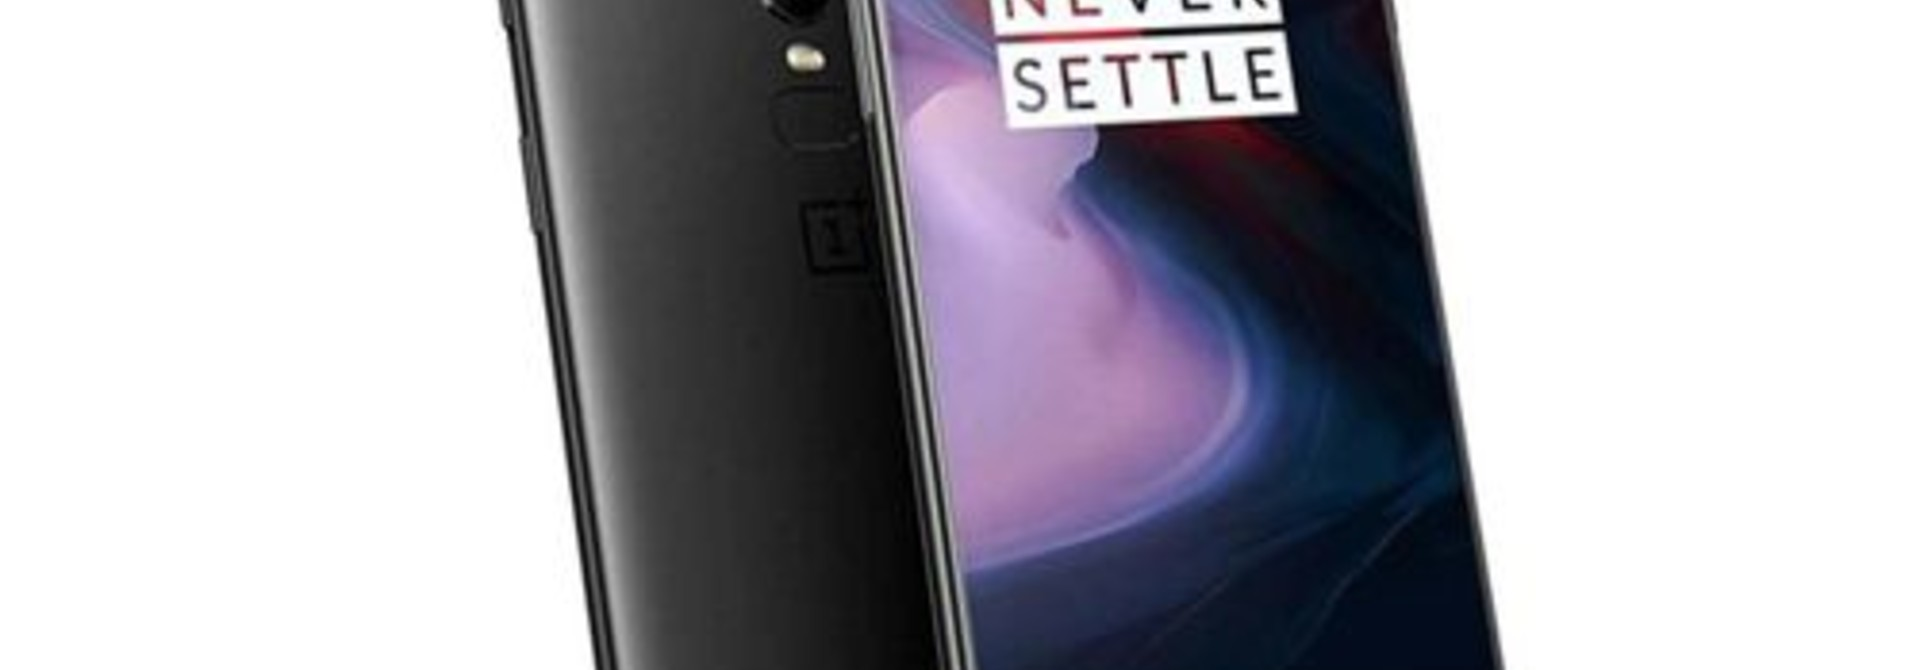 OnePlus 6 Sleeves